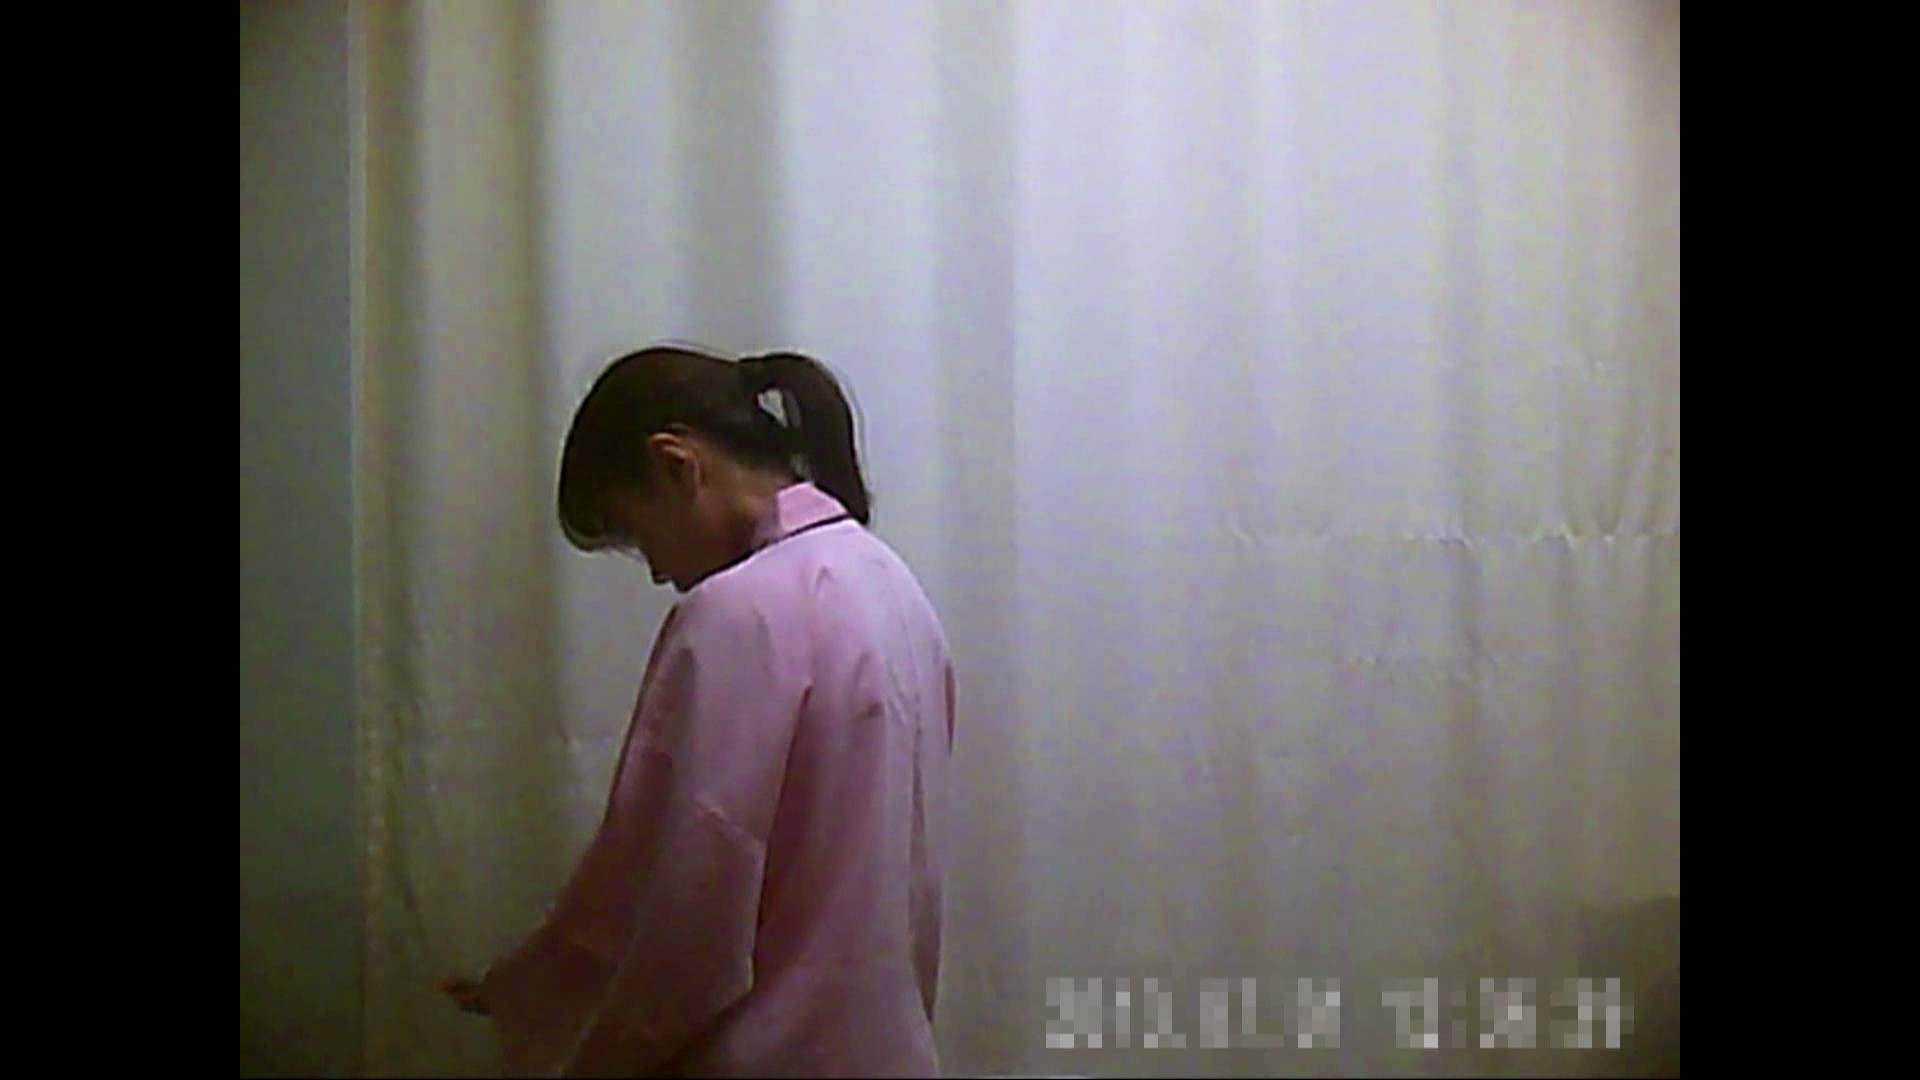 元医者による反抗 更衣室地獄絵巻 vol.039 OL | 0  75連発 36